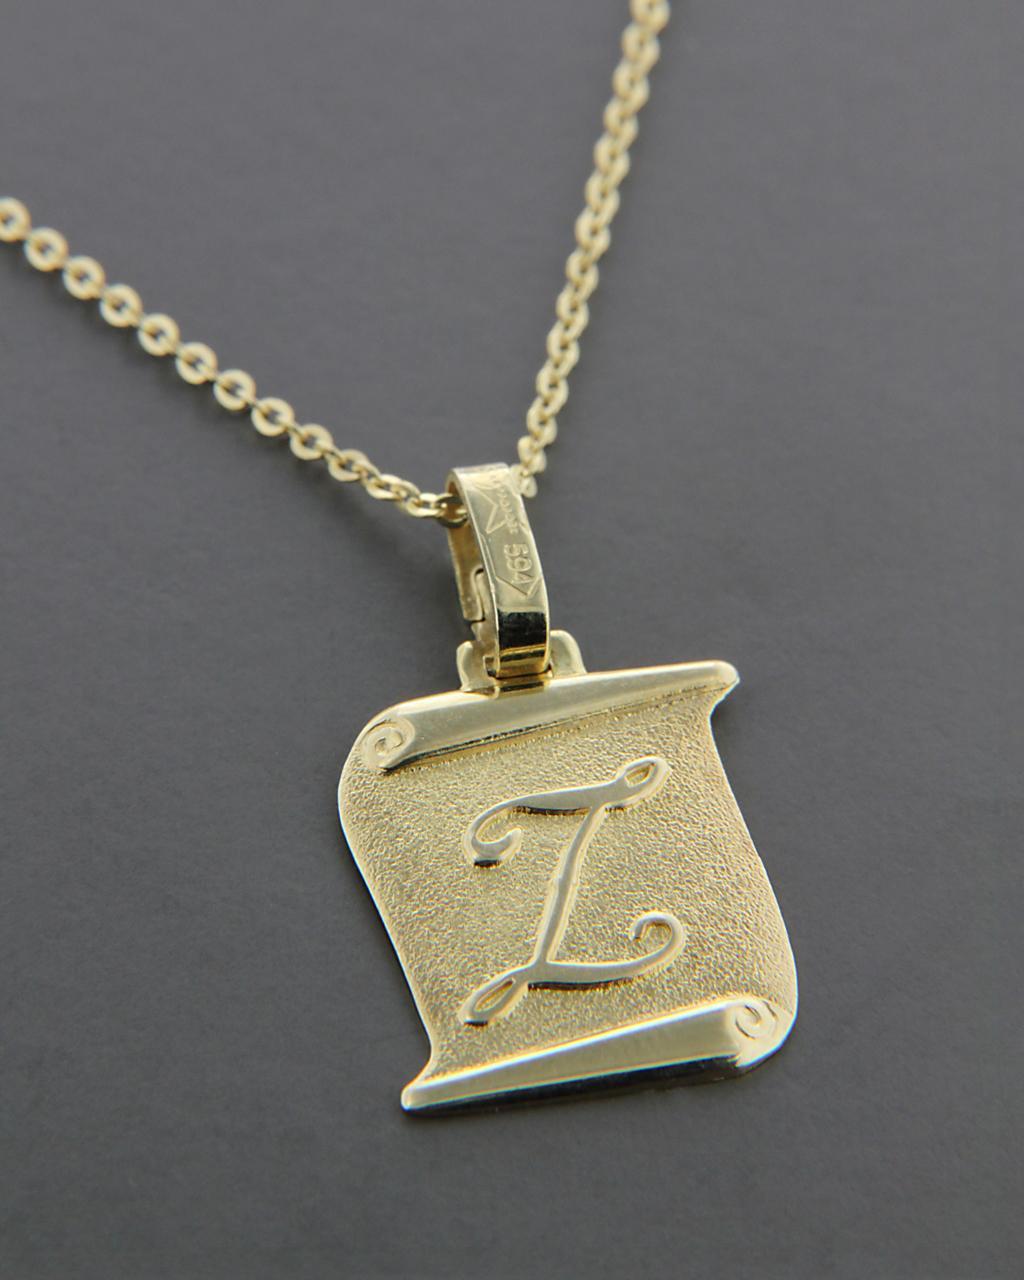 """Μονόγραμμα """"Ζ"""" χρυσό Κ14   κοσμηματα κρεμαστά κολιέ κρεμαστά κολιέ μονόγραμμα"""